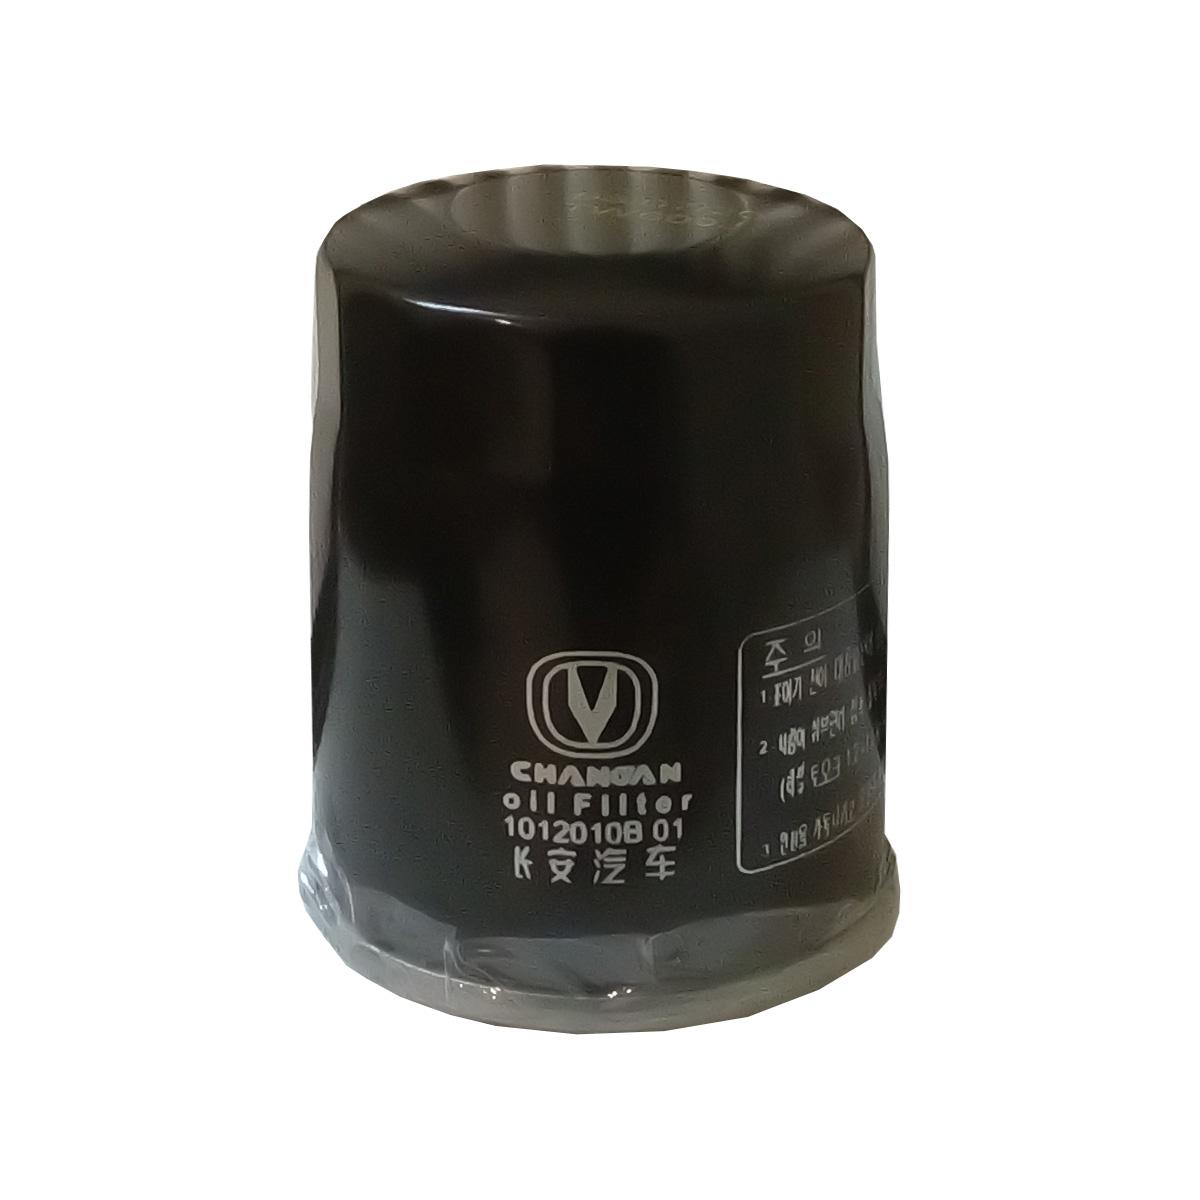 فیلتر روغن تام مدل TW600J مناسب برای خودرو چانگان و سوزوکی ویتارا